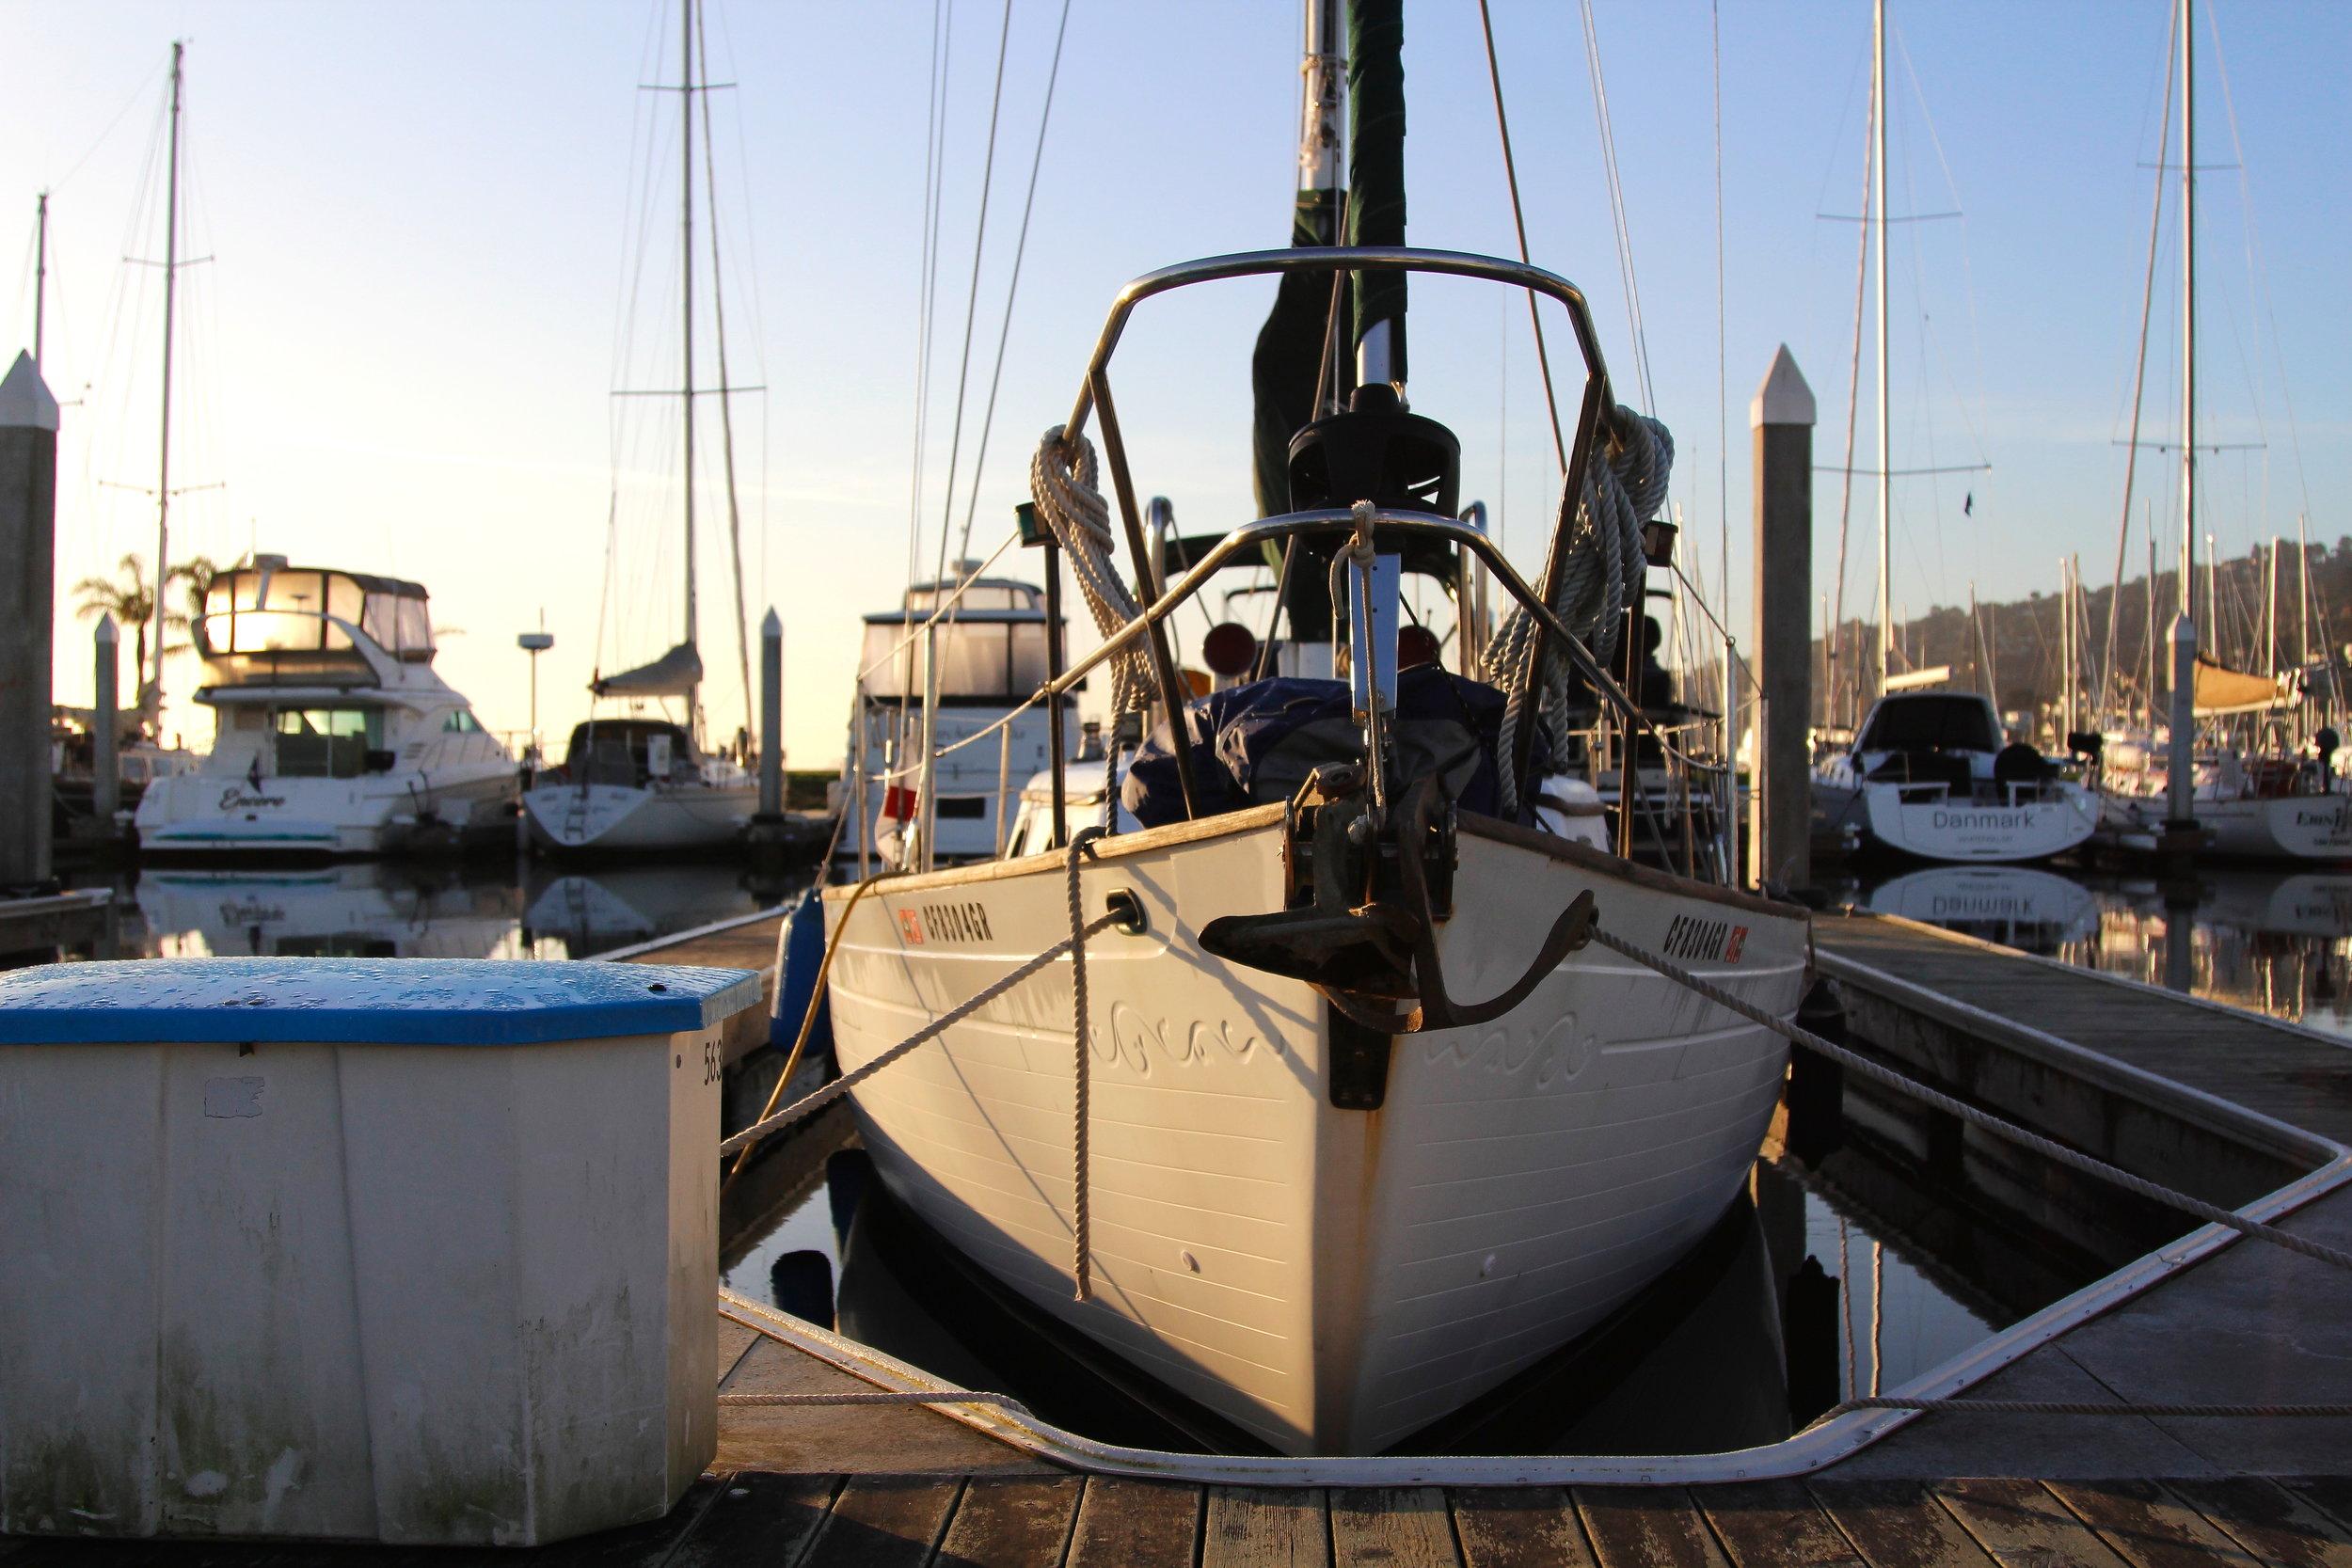 Thisldu sailing blog - becoming liveaboards